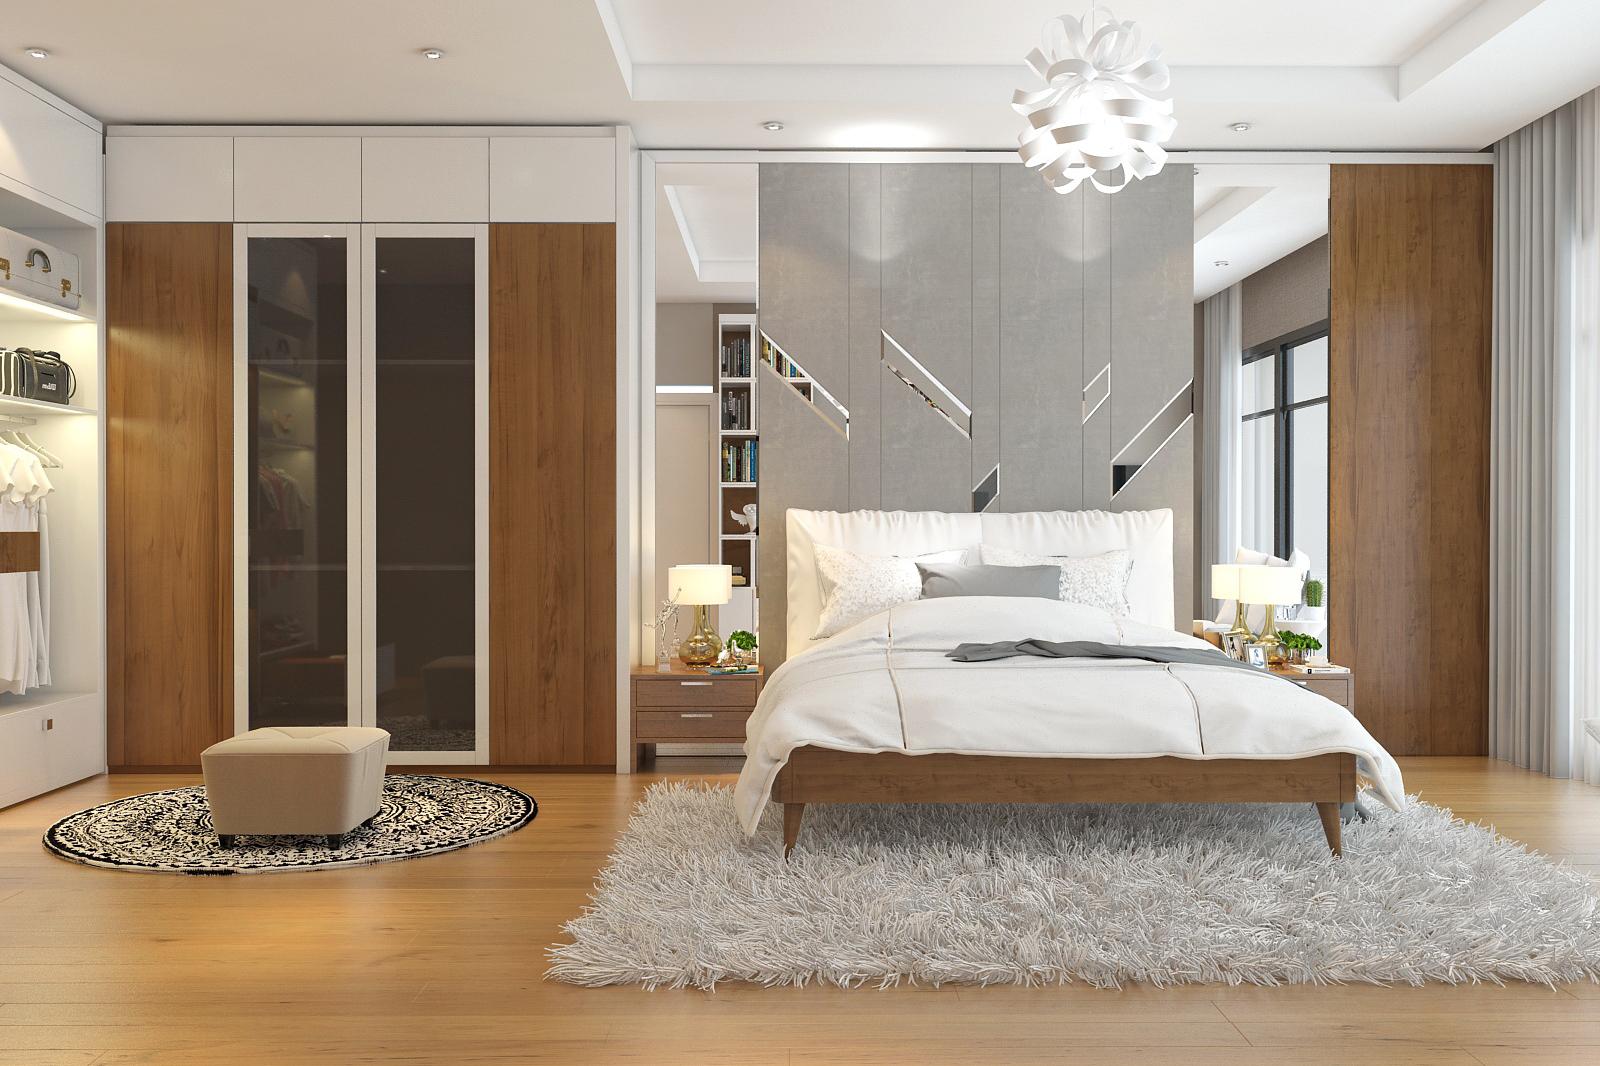 Thiết kế nội thất phòng ngủ nhà chú Tuấn - Điện Biên